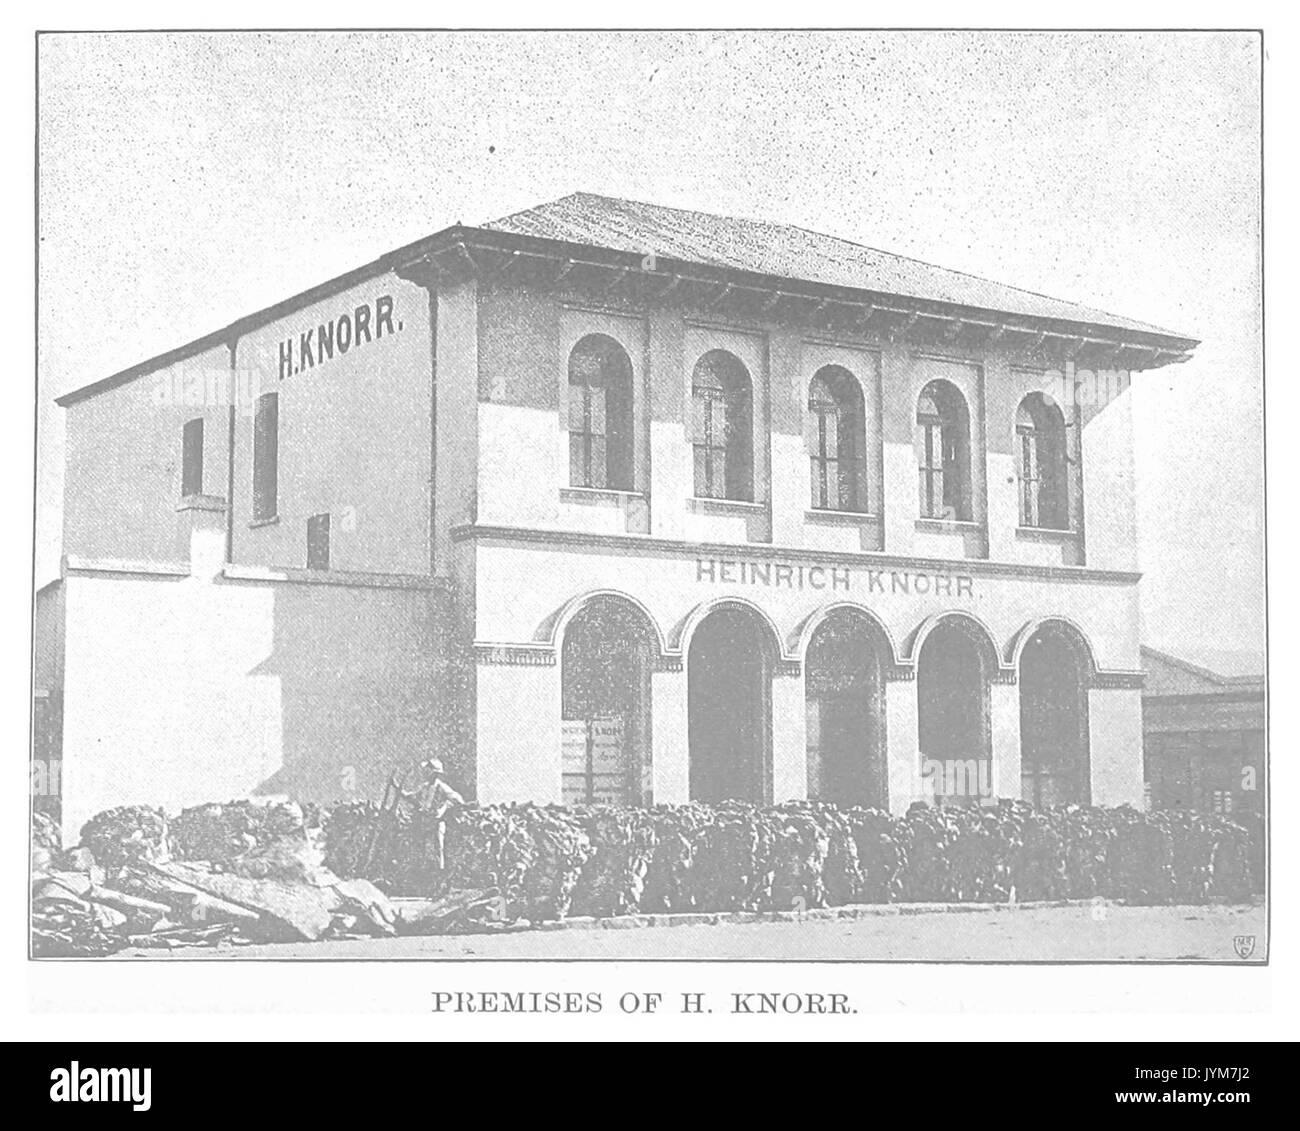 EL1893 pg121 Premises of H. Knorr - Stock Image